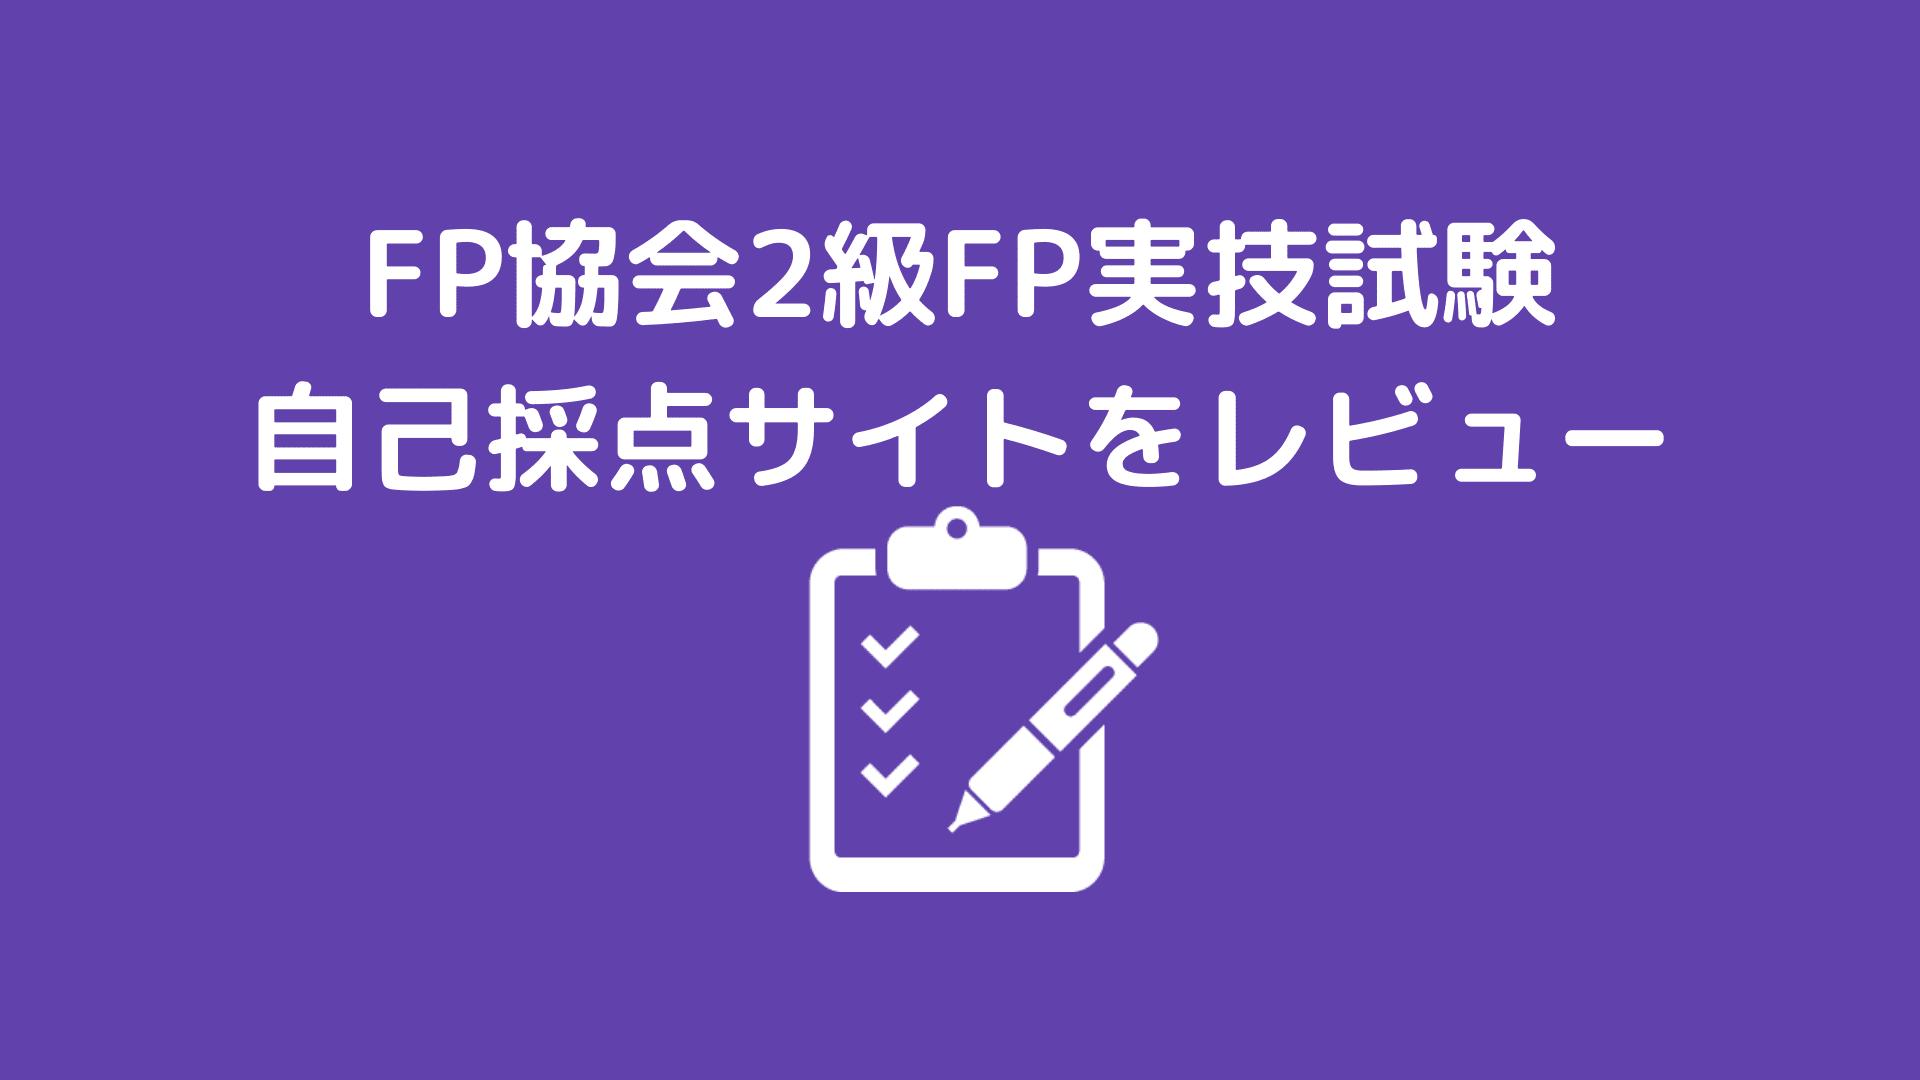 FP協会2級FP実技試験自己採点サイトをレビュー